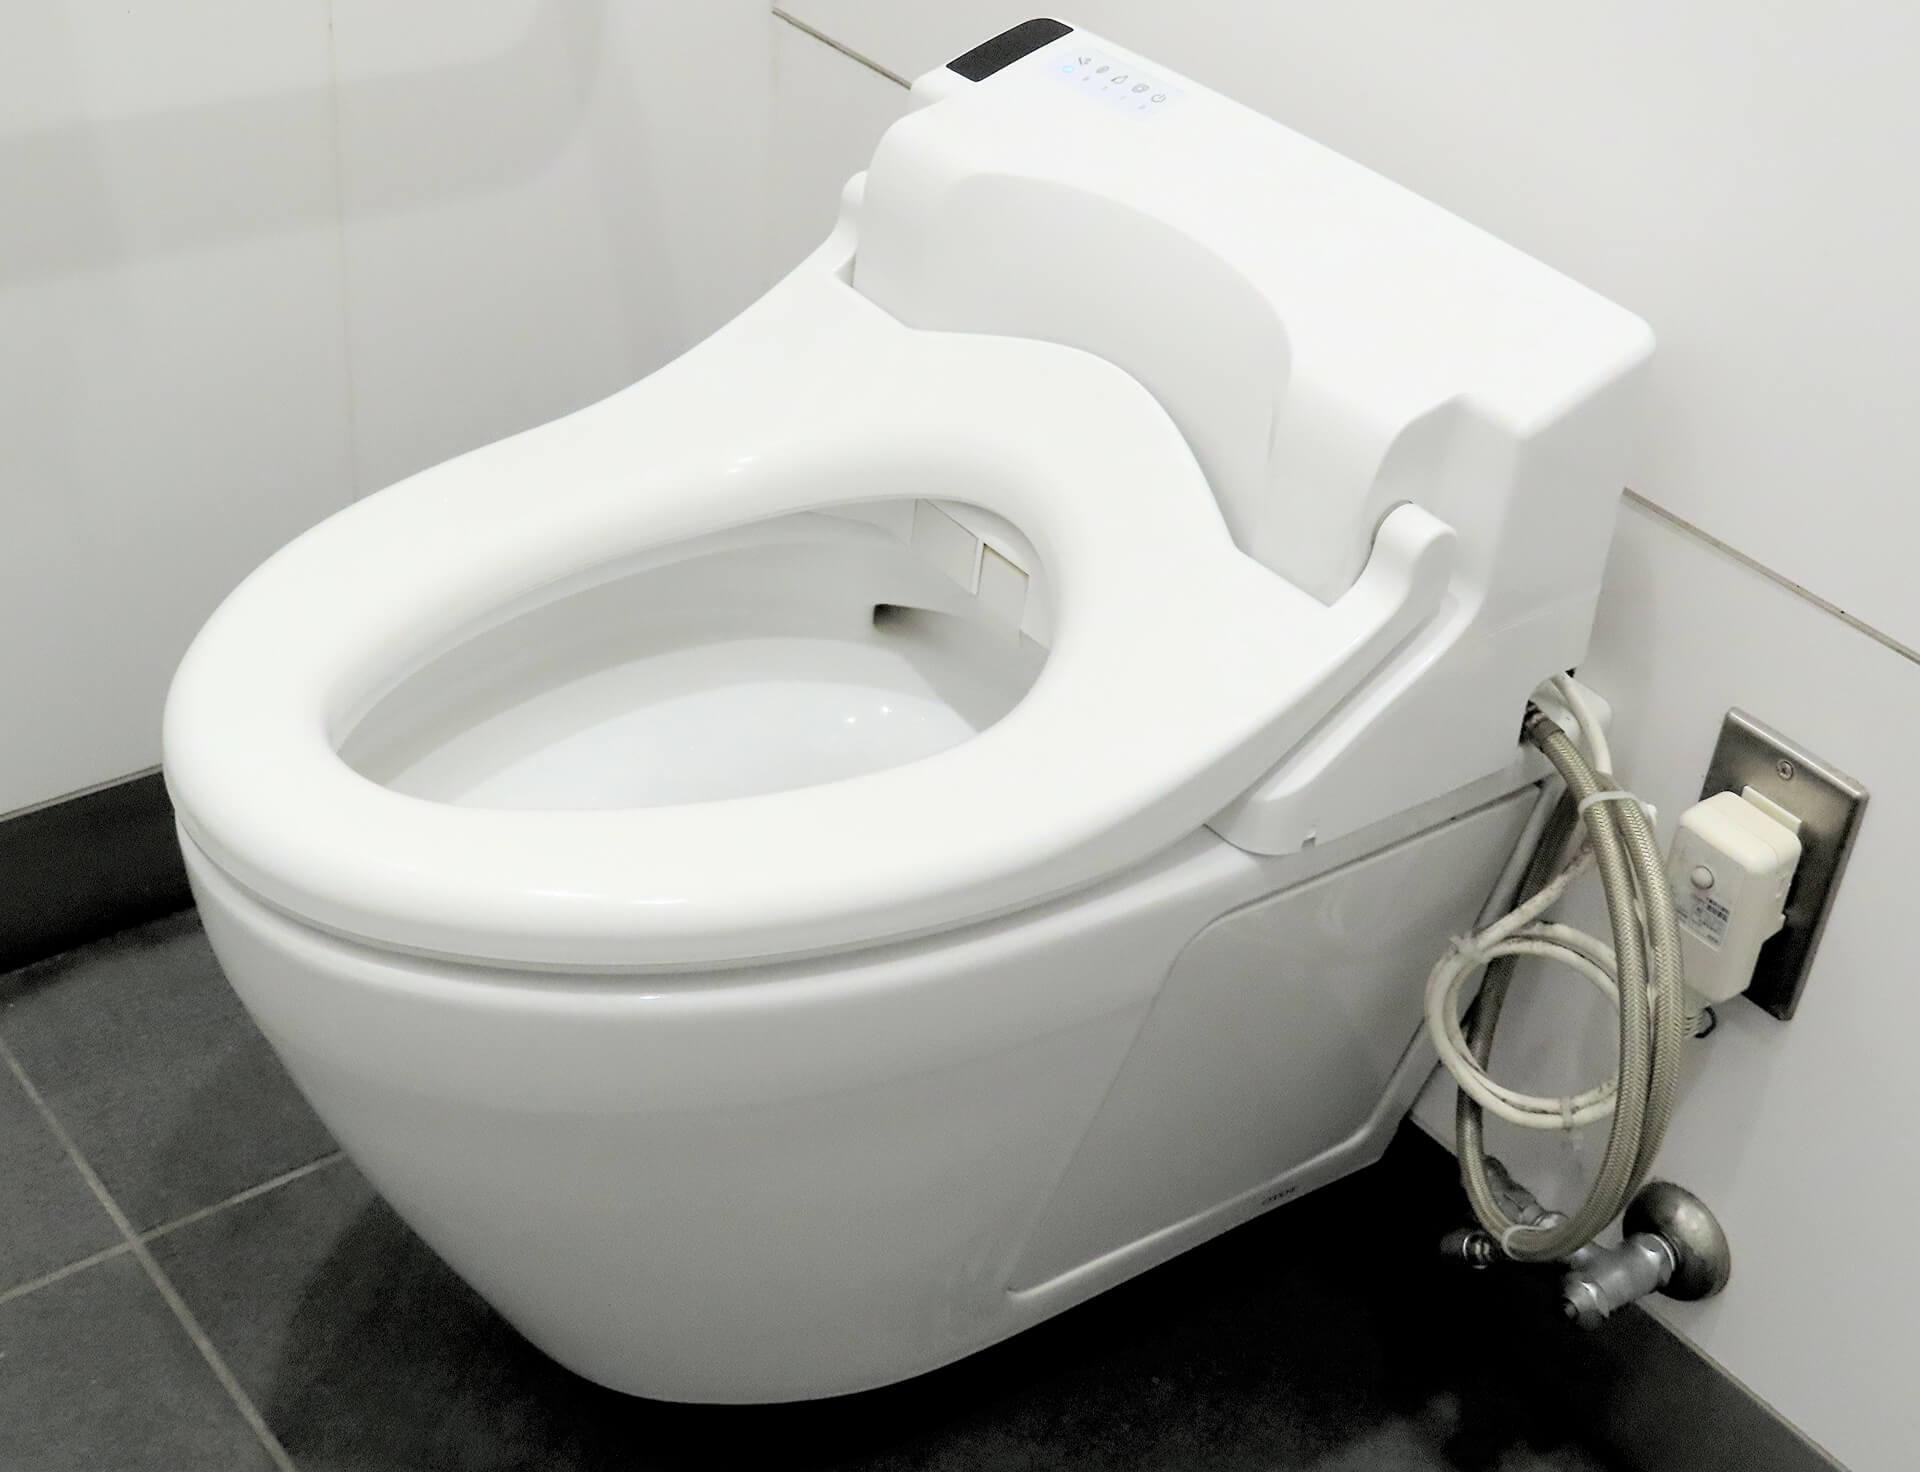 トイレの水漏れ修理方法!家でもできる修理とは